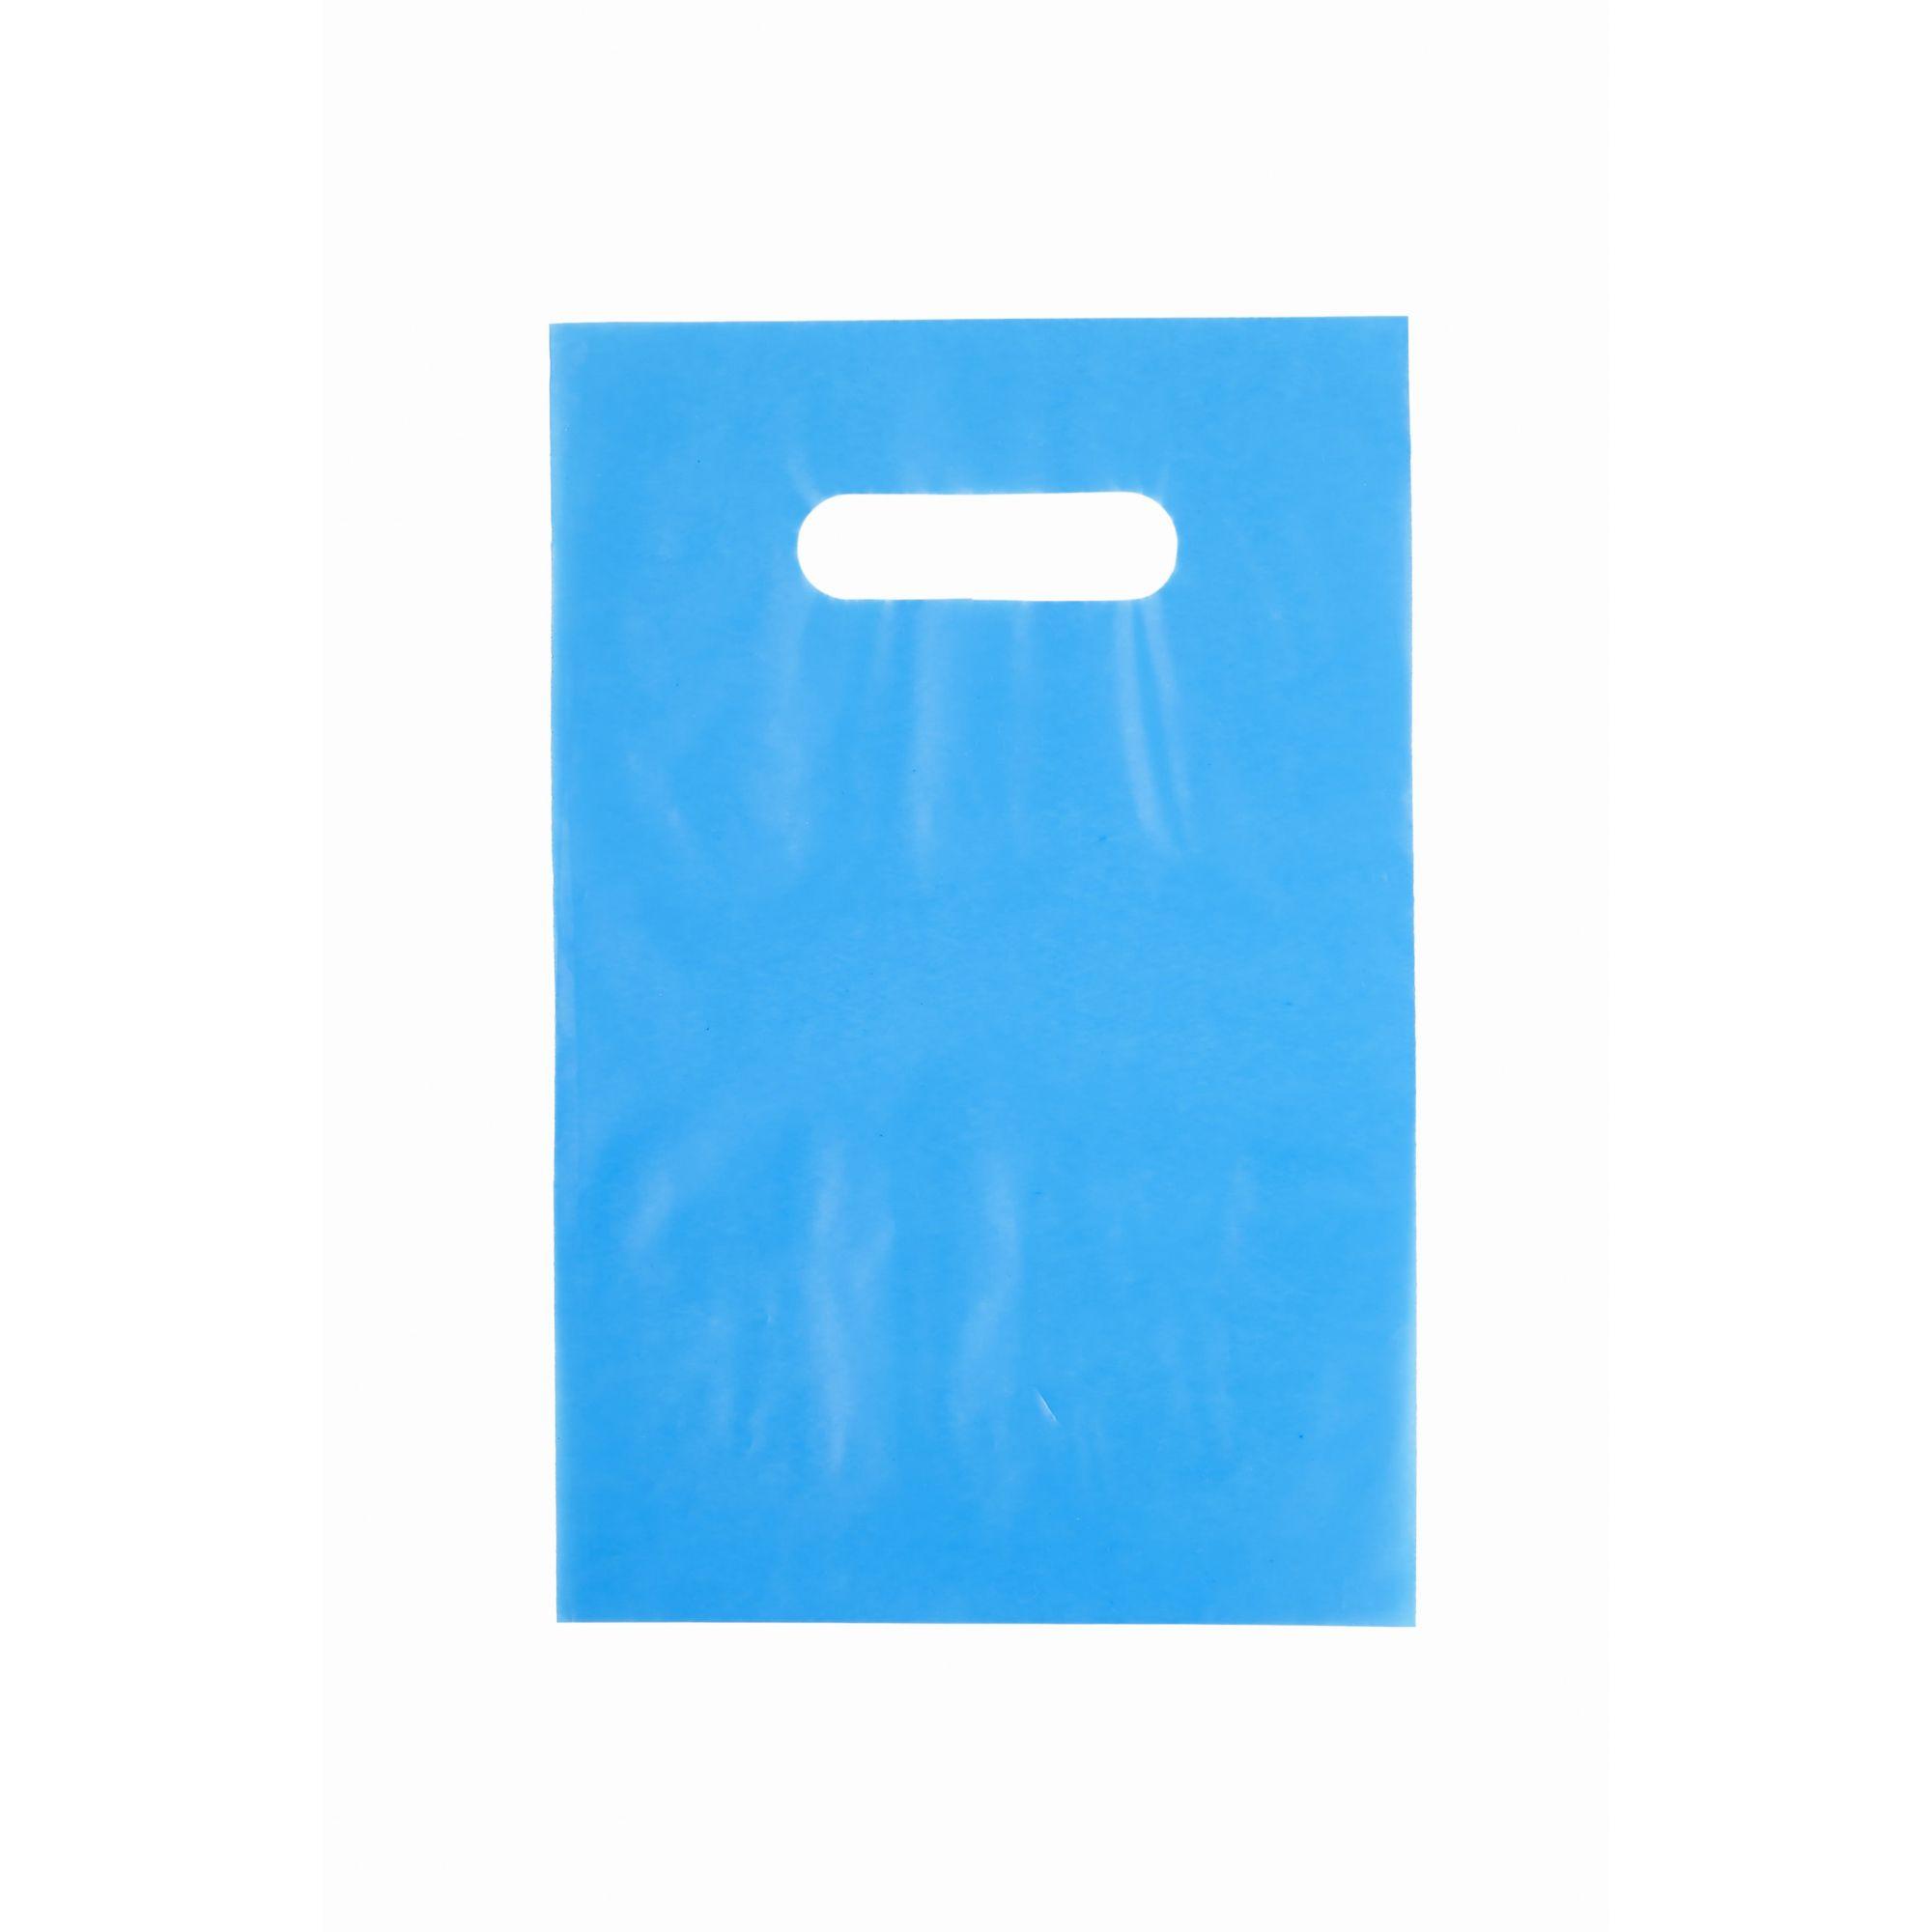 Sacola Plástica 25x35 Azul - Alça Boca de Palhaço